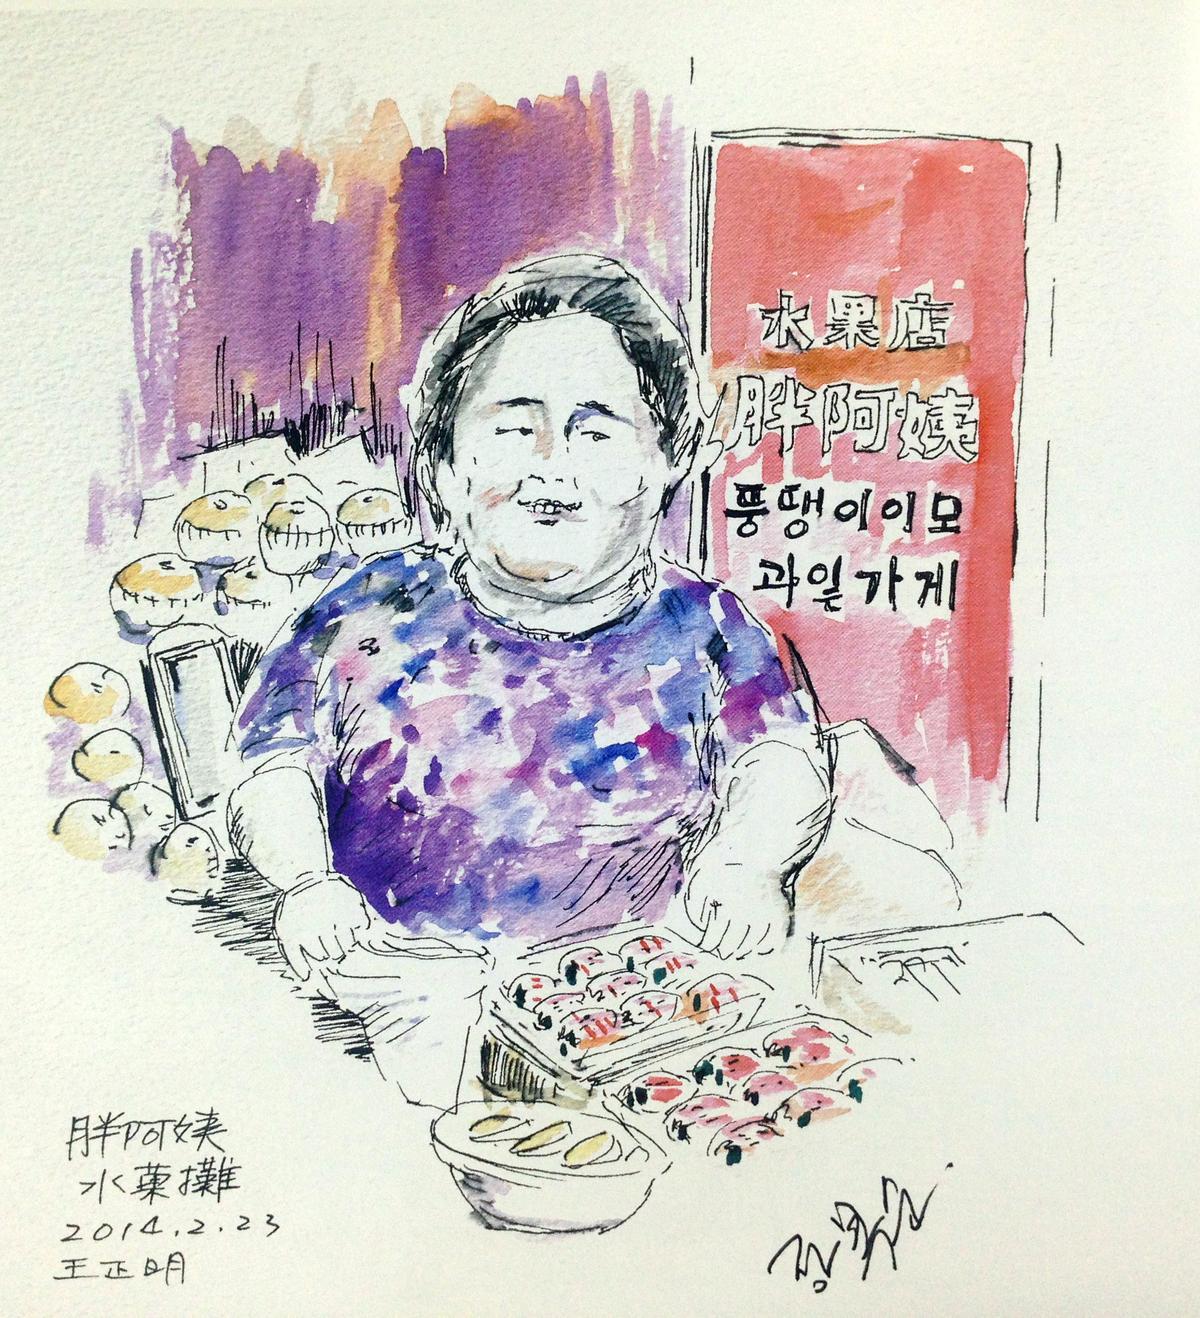 王正明喜歡以畫會友,圖為他前往韓國旅行時,為當地一名極具特色的水果小販「胖阿姨」速寫。(桂冠提供)